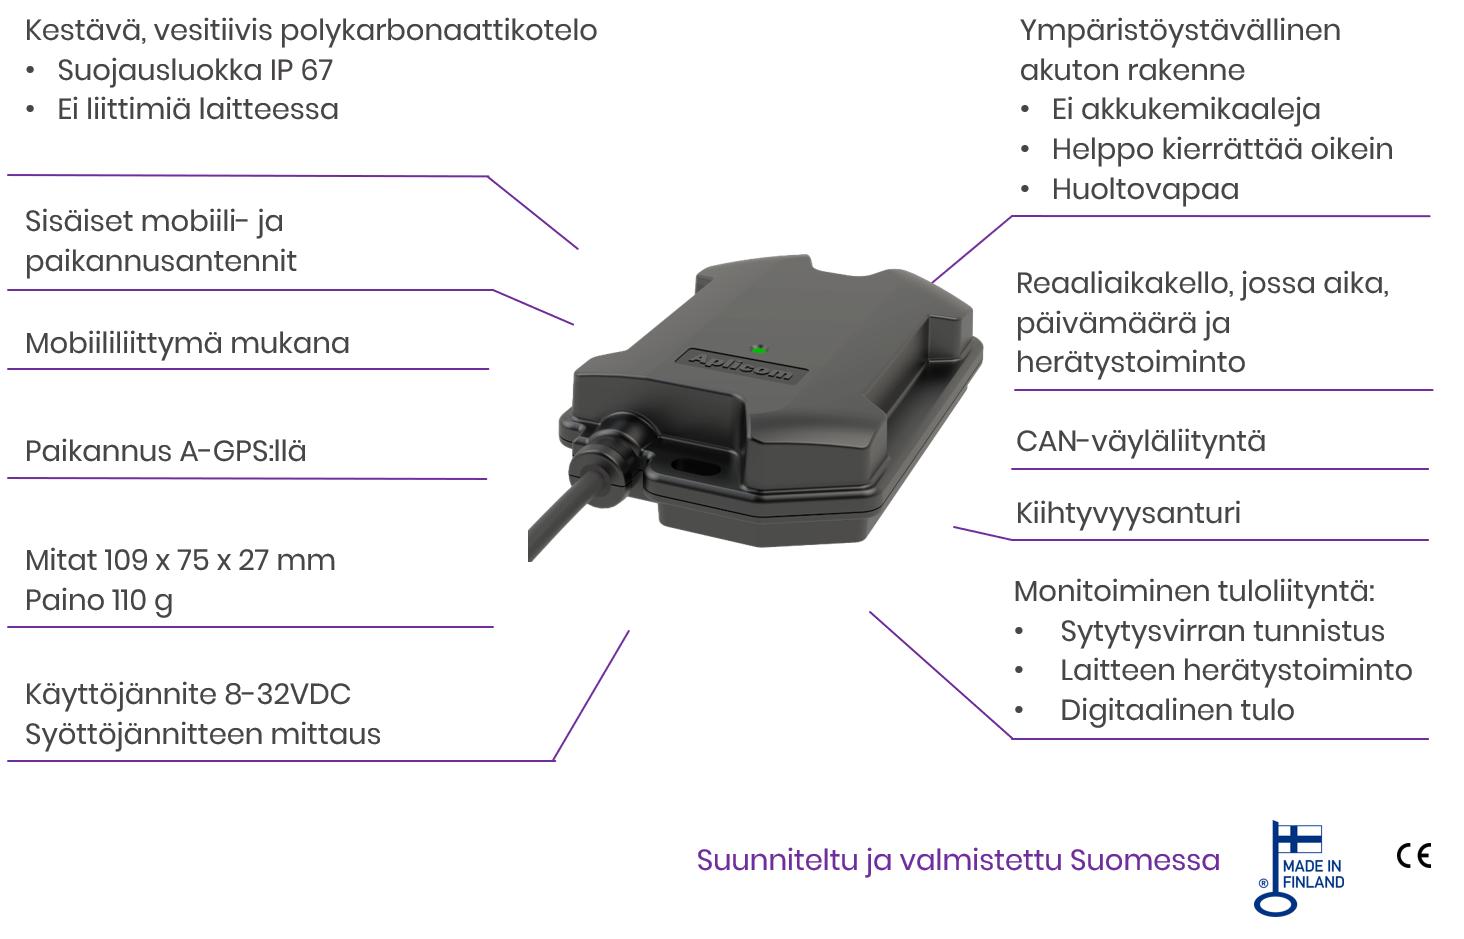 Aplicom T10 telematiikkalaite ja sen tekniset tiedot